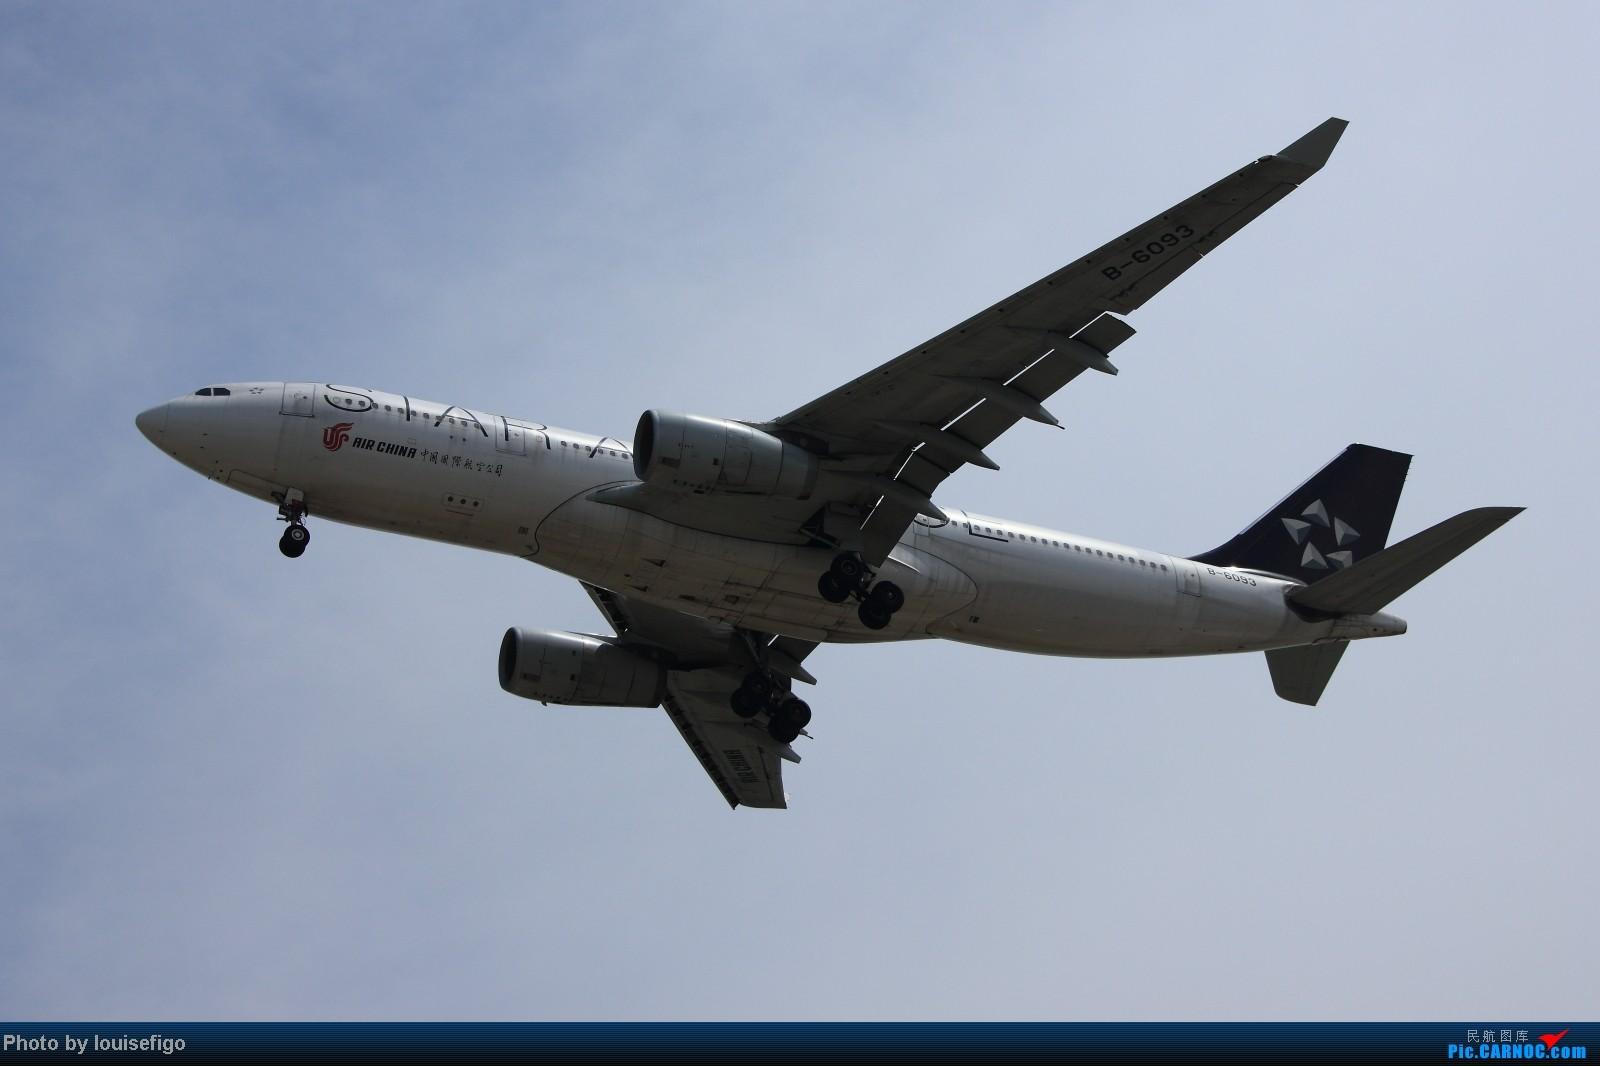 Re:[原创]星空联盟7-23北京代表大会,与会代表来自中美韩埃!~~可惜老天爷貌似对某些代表有情绪! AIRBUS A330-200 B-6093 北京首都国际机场